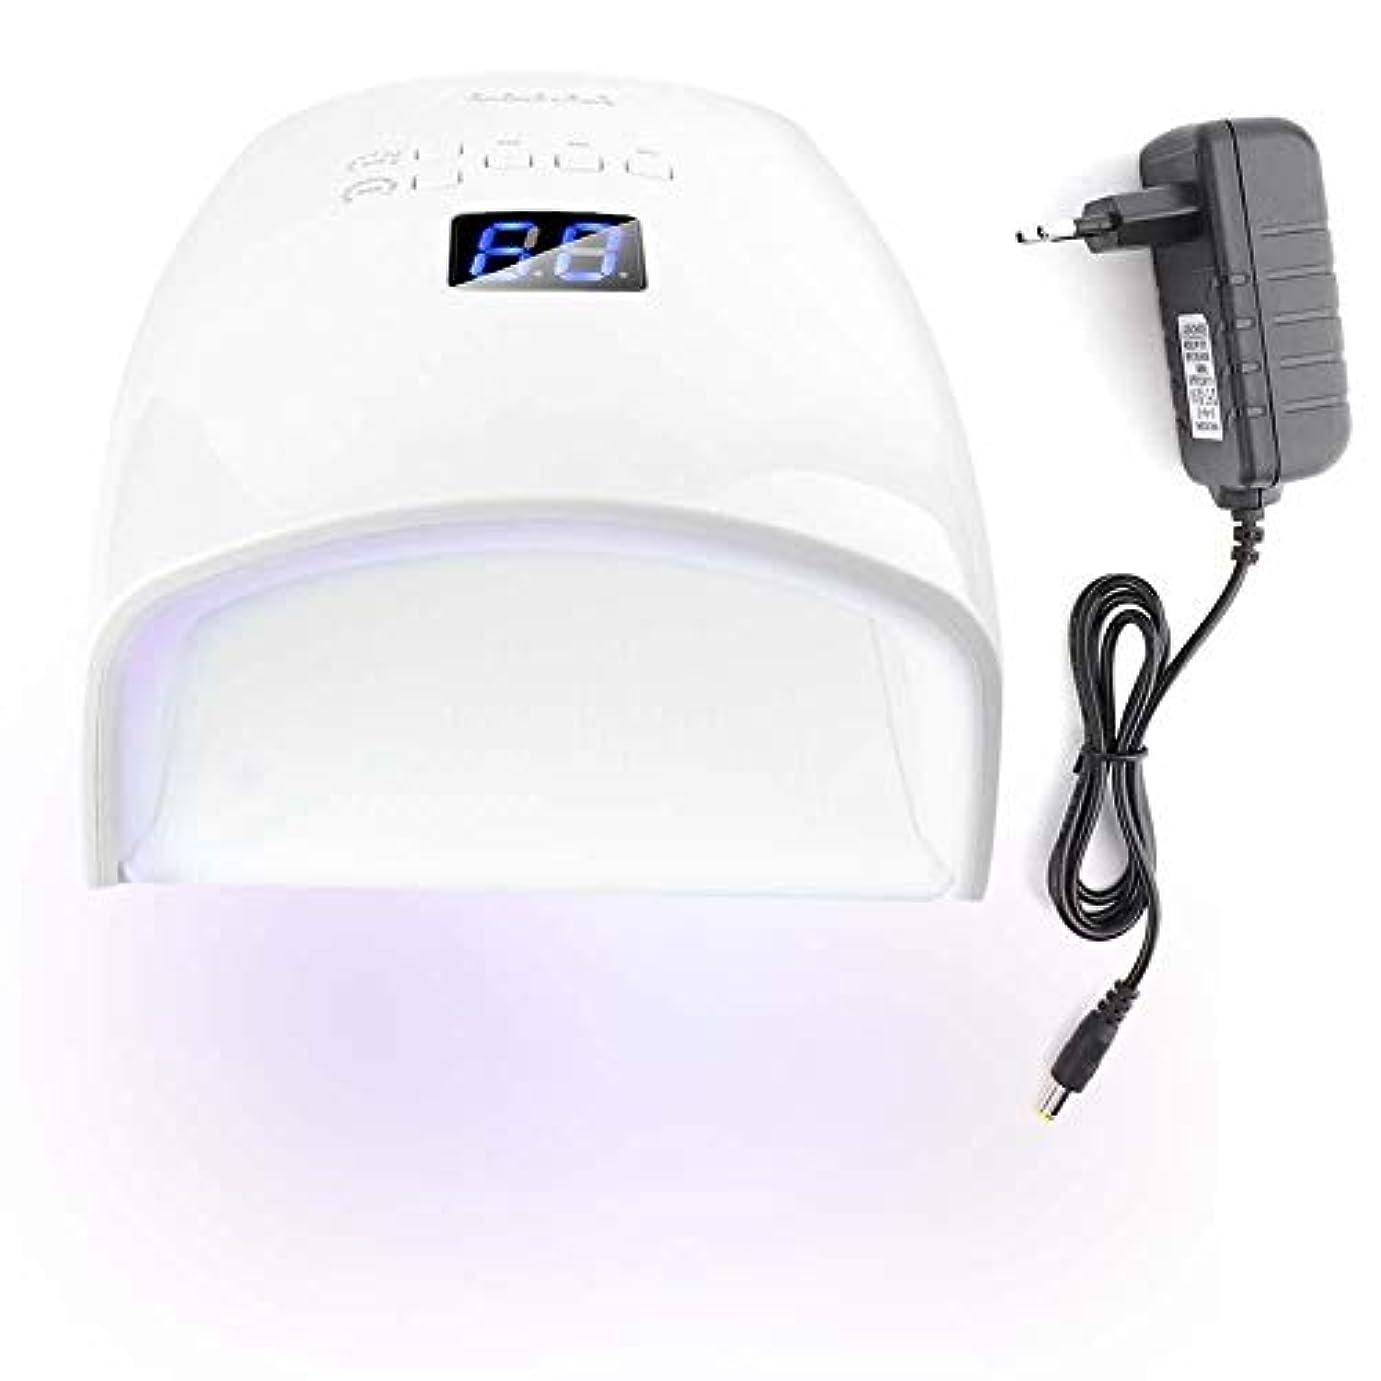 生命体地区損失48Wネイルドライヤー 30光 自動センサー 5タイマー付き UV LEDネイルランプ (ホワイト)